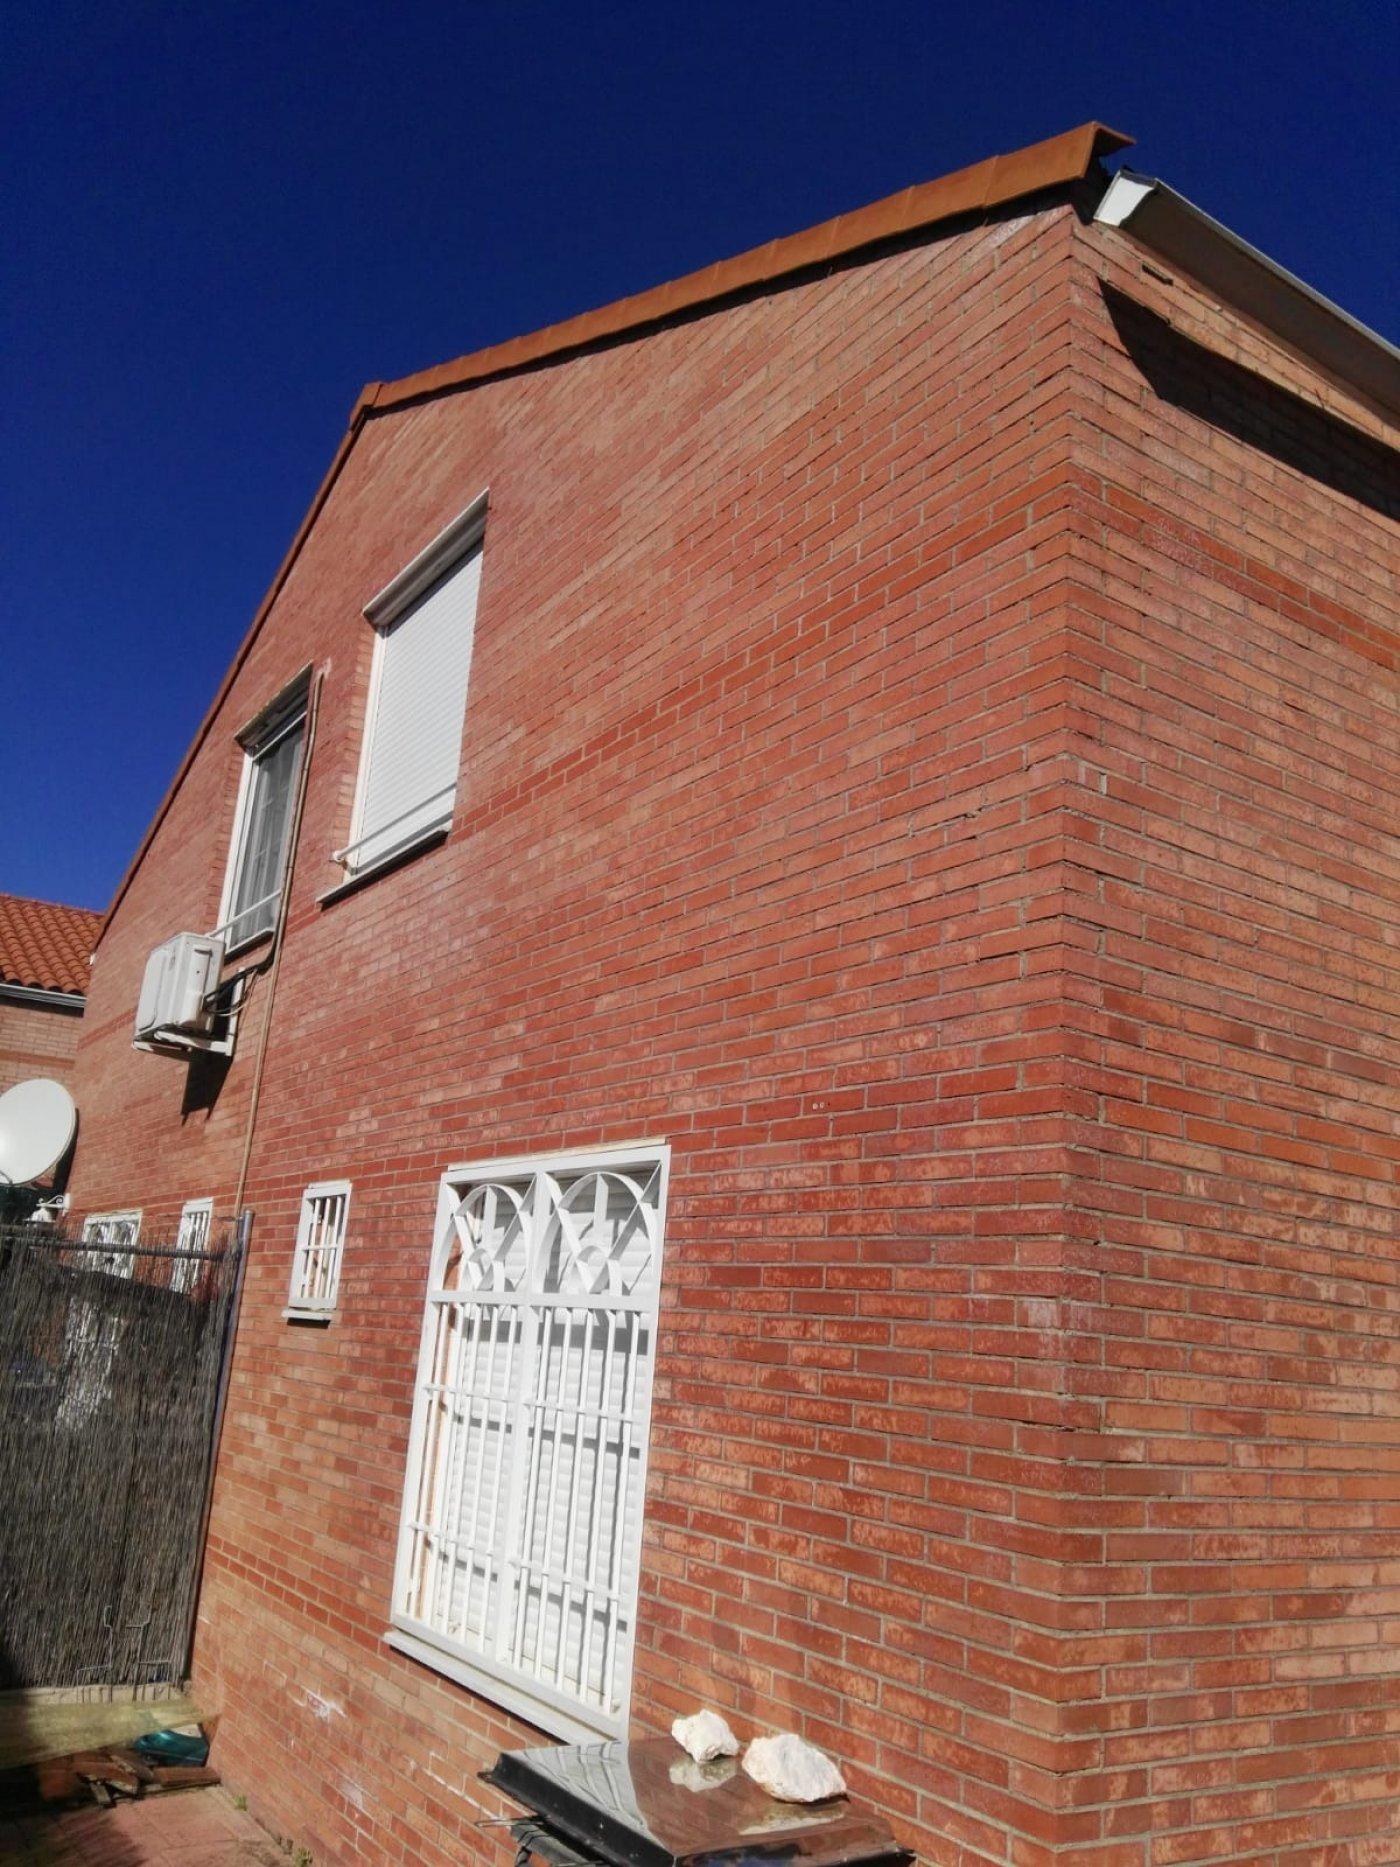 Adosado en alquiler en Valcastillo, Pioz